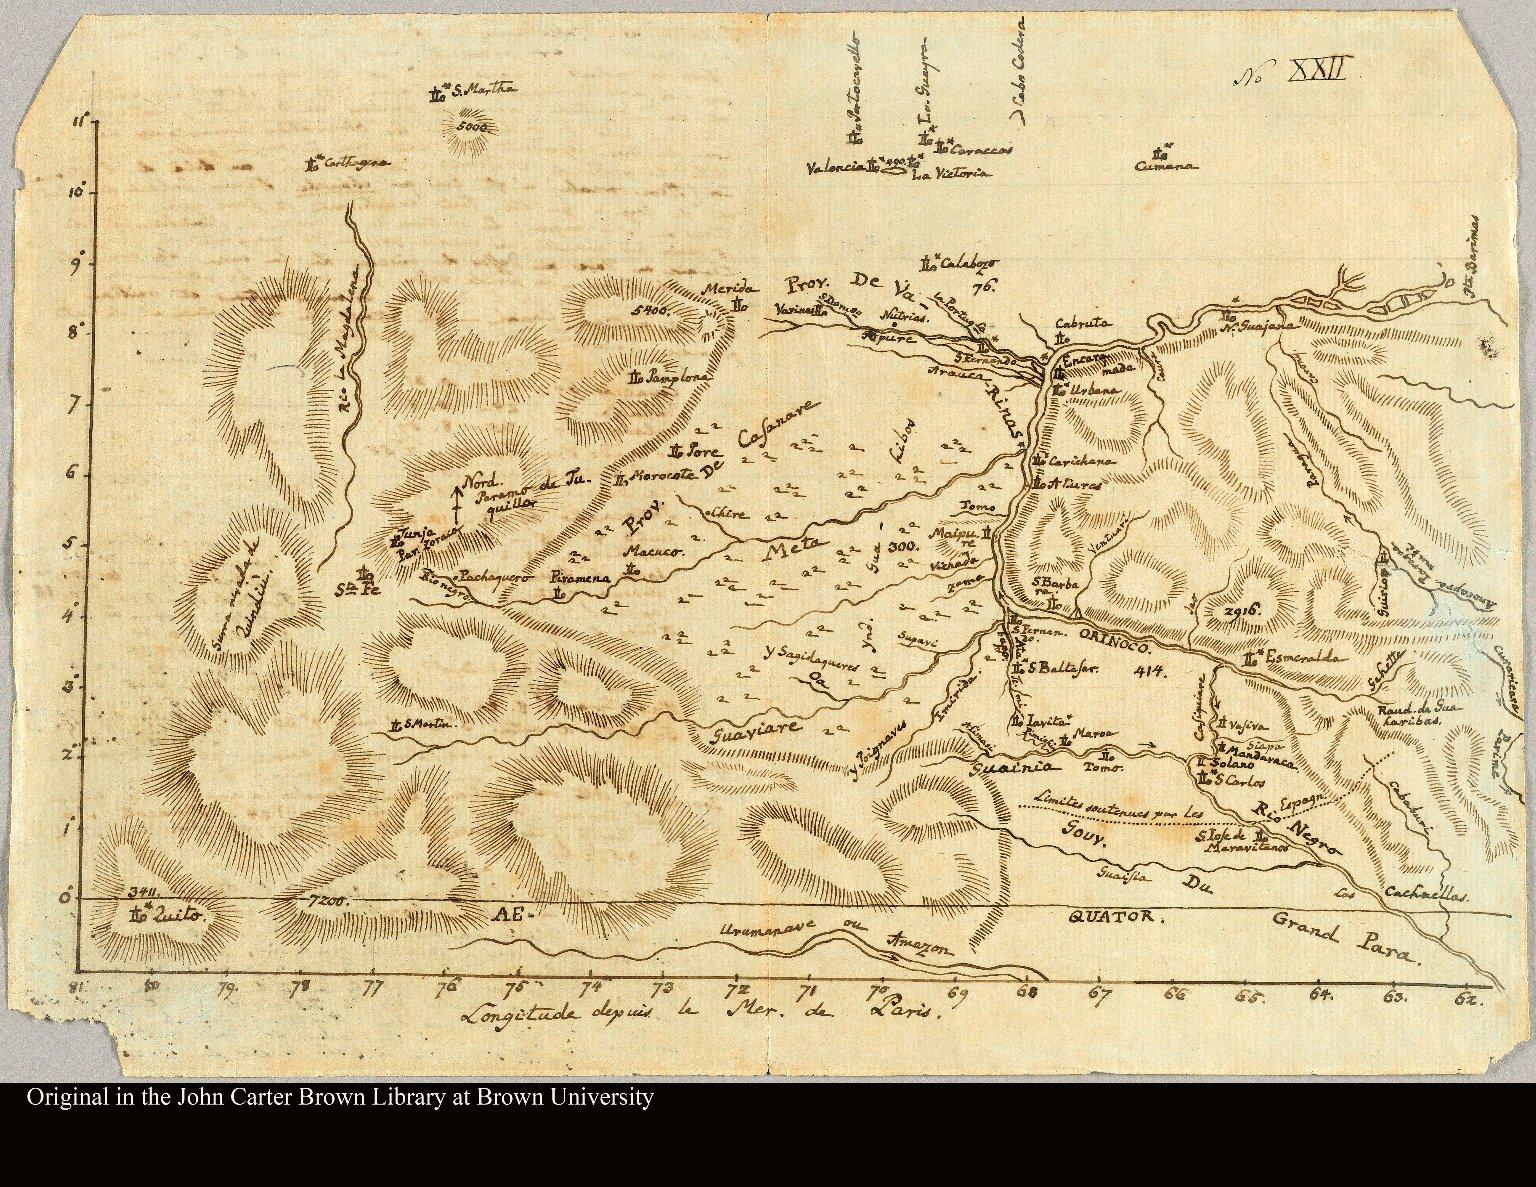 [Orinoco River, 1800]